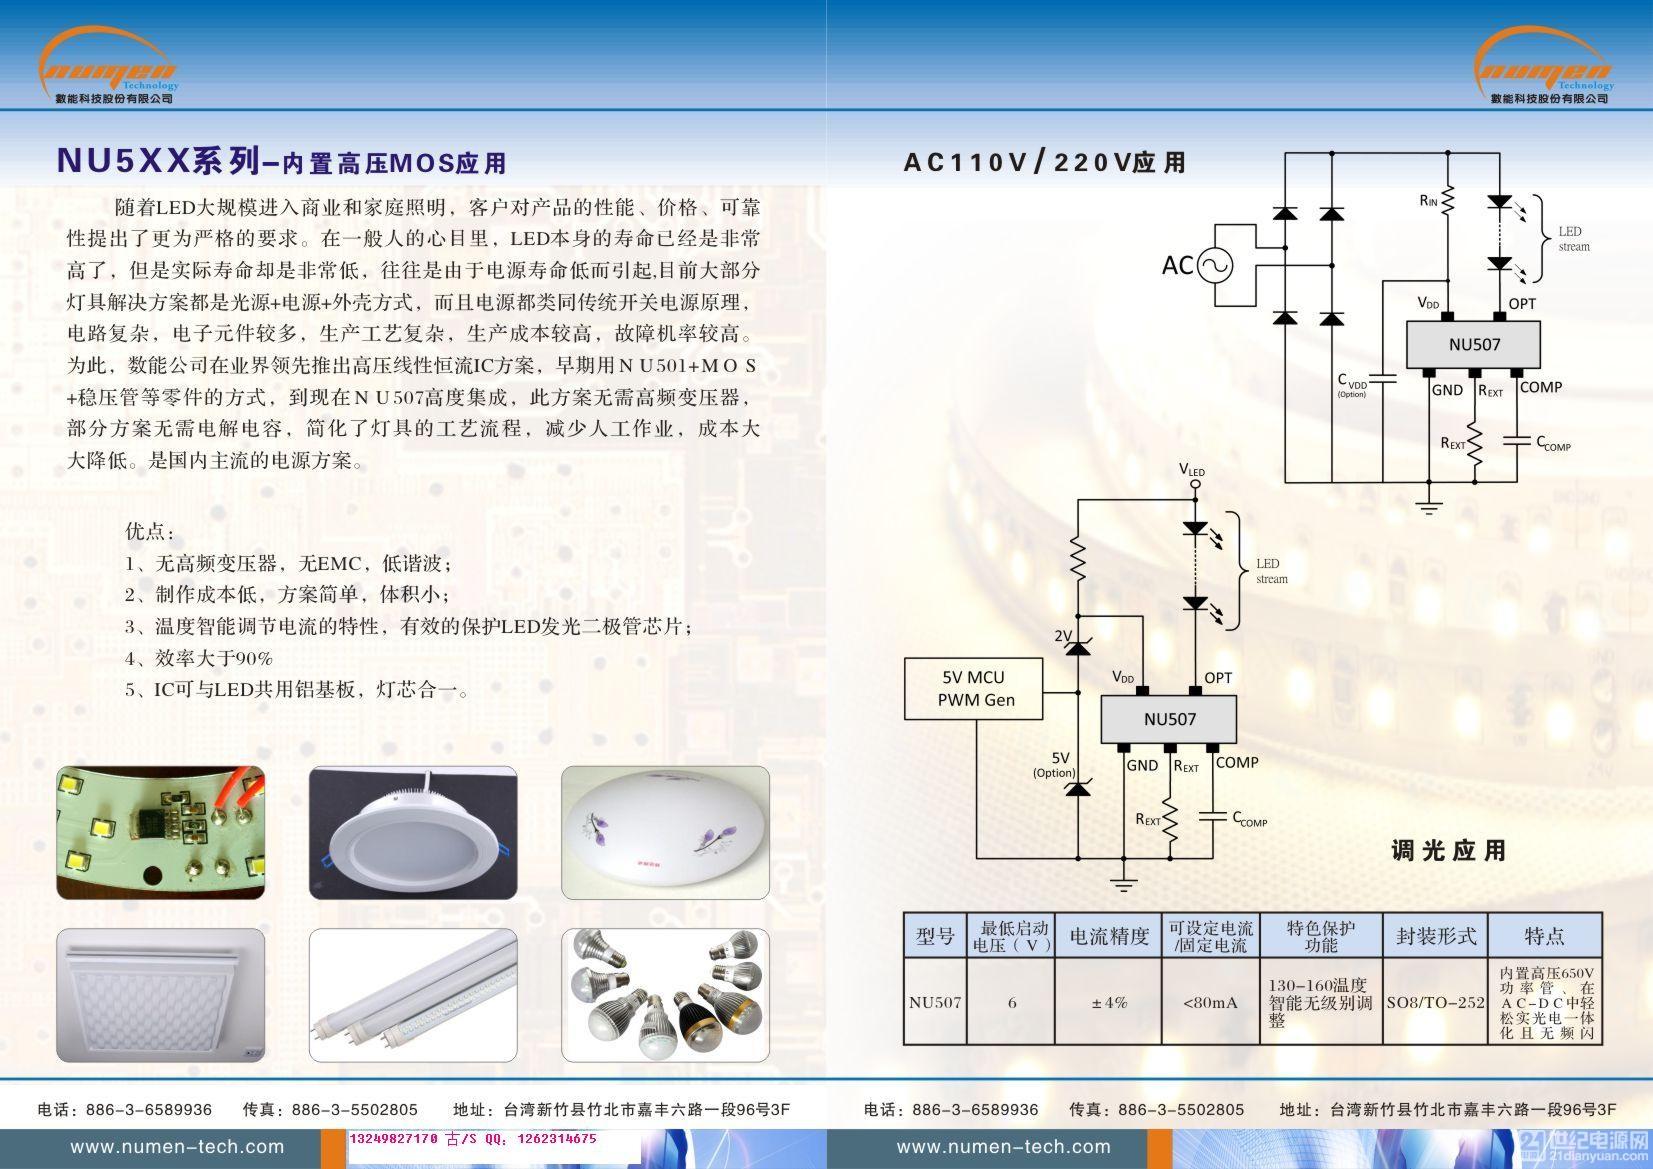 数能科技公司NU507产品应用彩页04.jpg